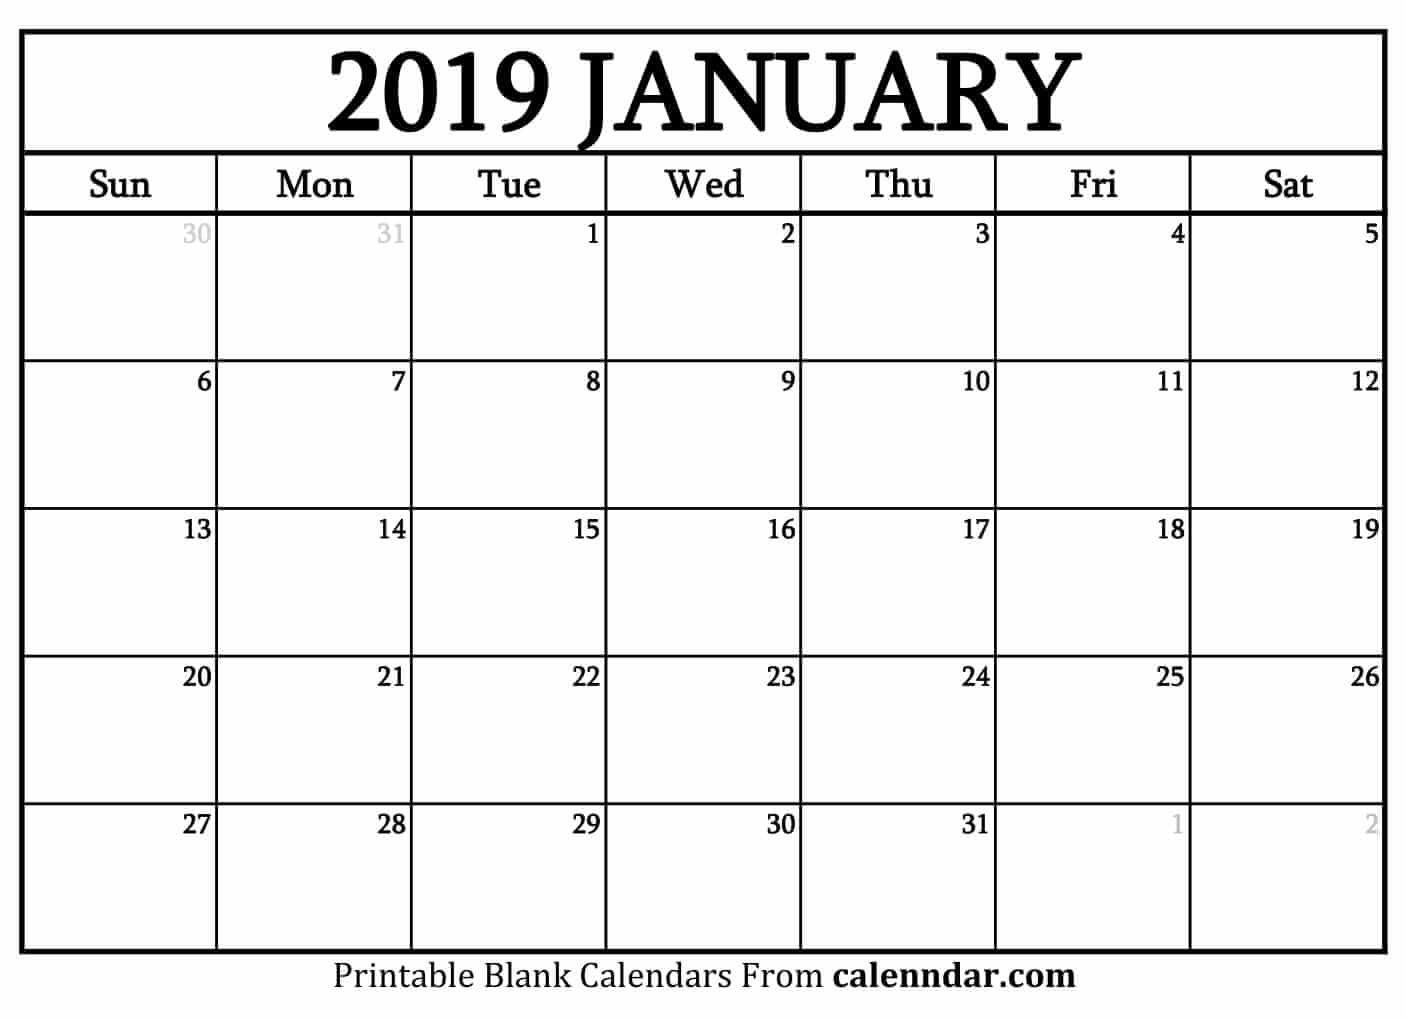 Blank January 2019 Calendar Templates – Calenndar Calendar 2019 January